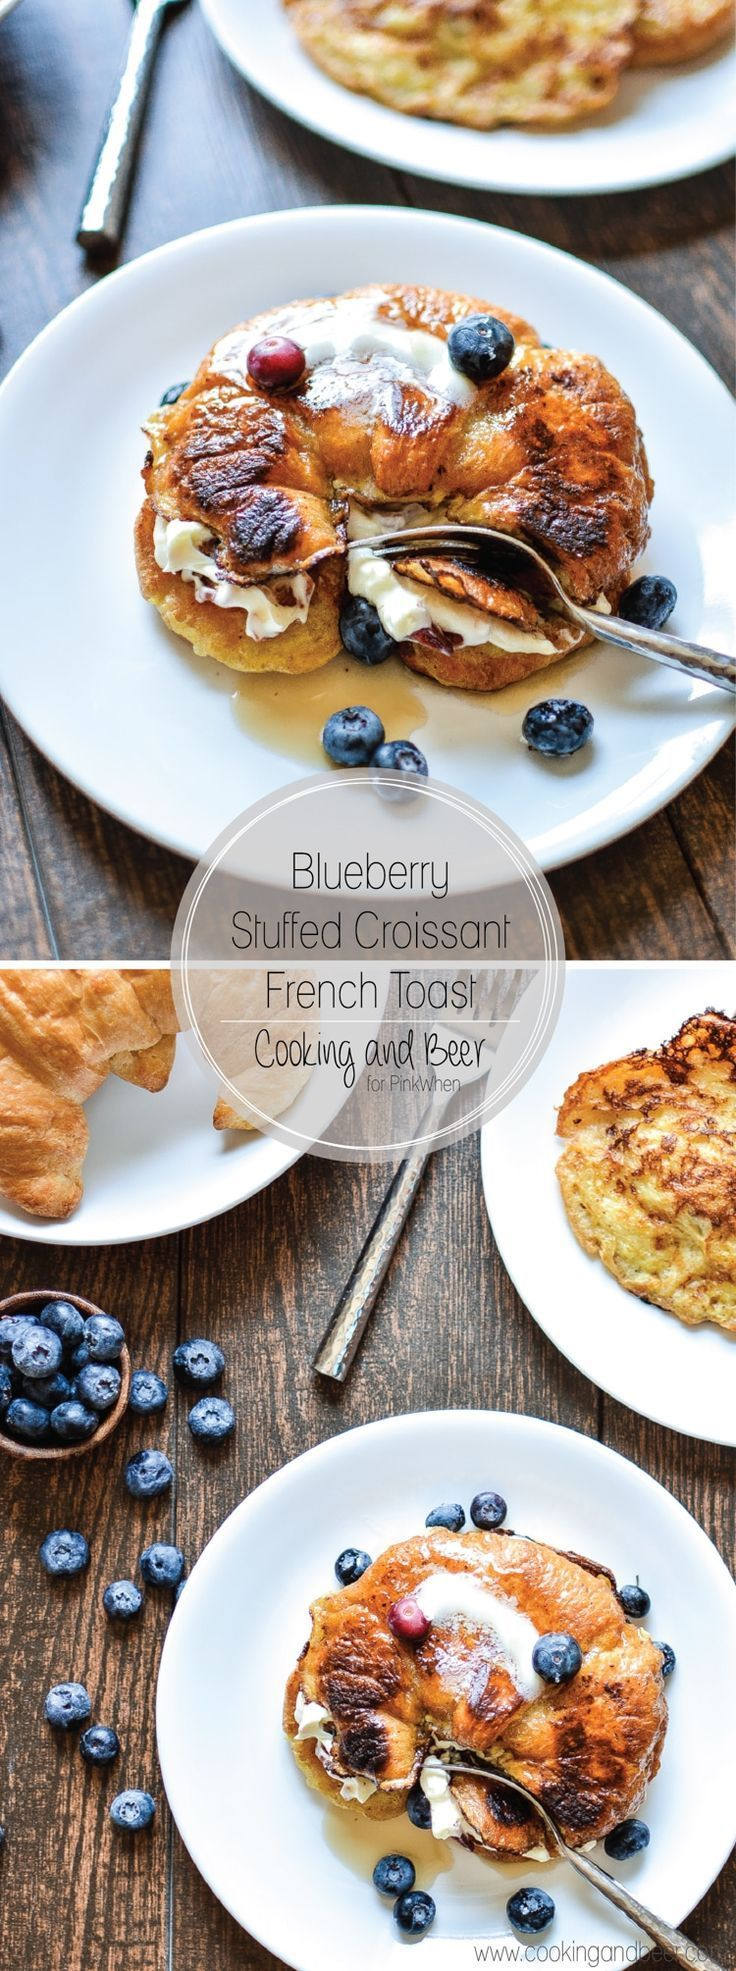 Dekadenter Blaubeergefüllter französischer Toast des Hörnchens mit Speck. - Blaubeergefüllter französischer Toast des Hörnchens mit Speck.  -